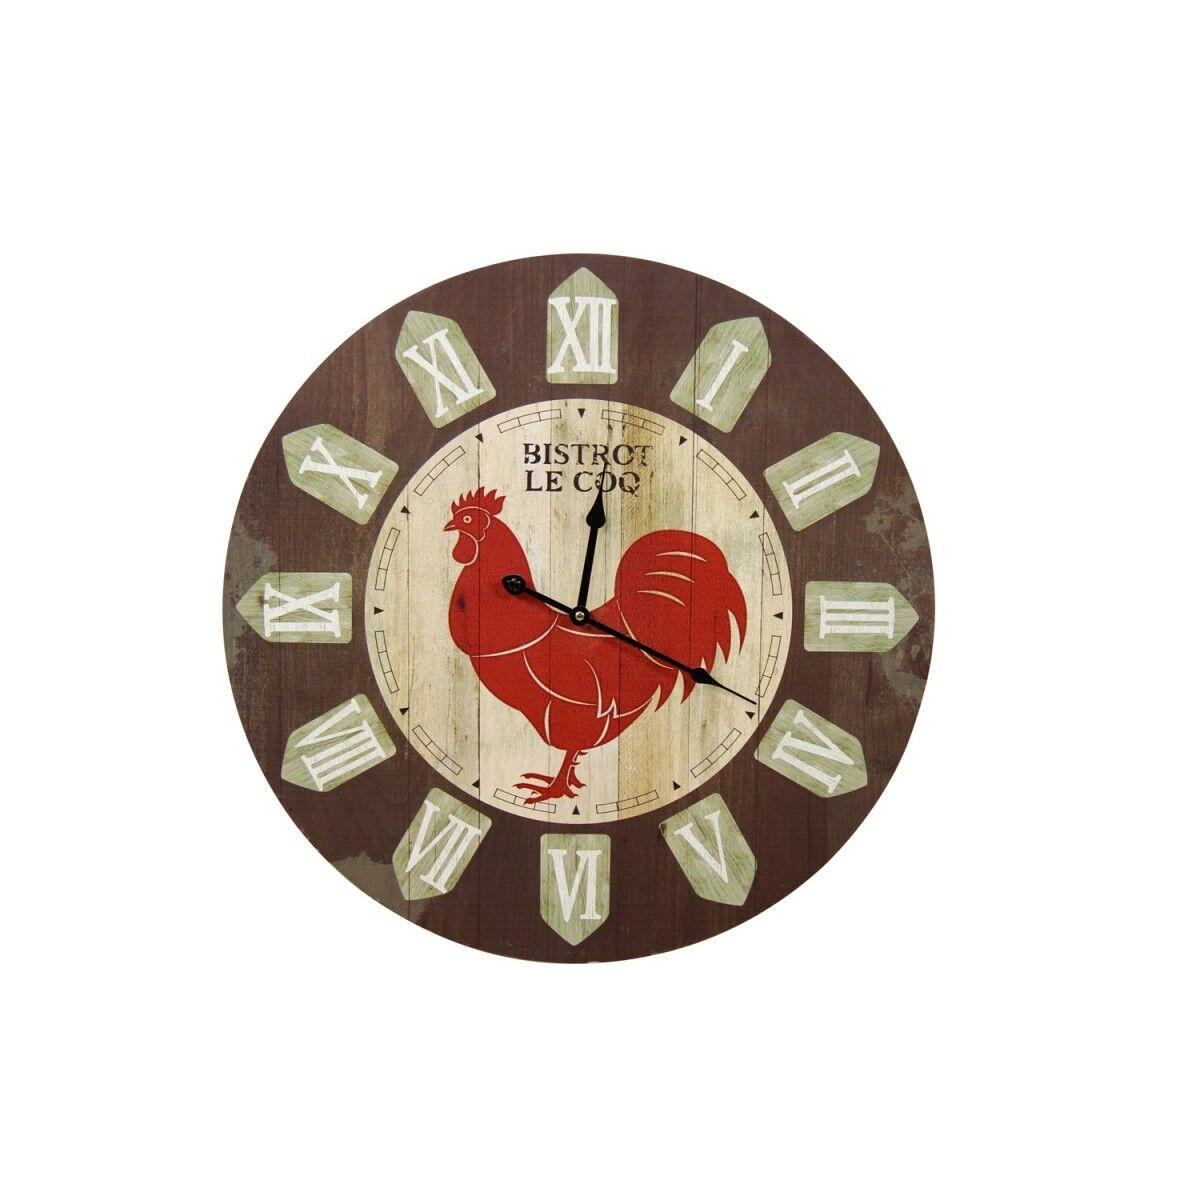 Horloge Ancienne Murale Bistrot le Coq 58cm - Bois - Marron